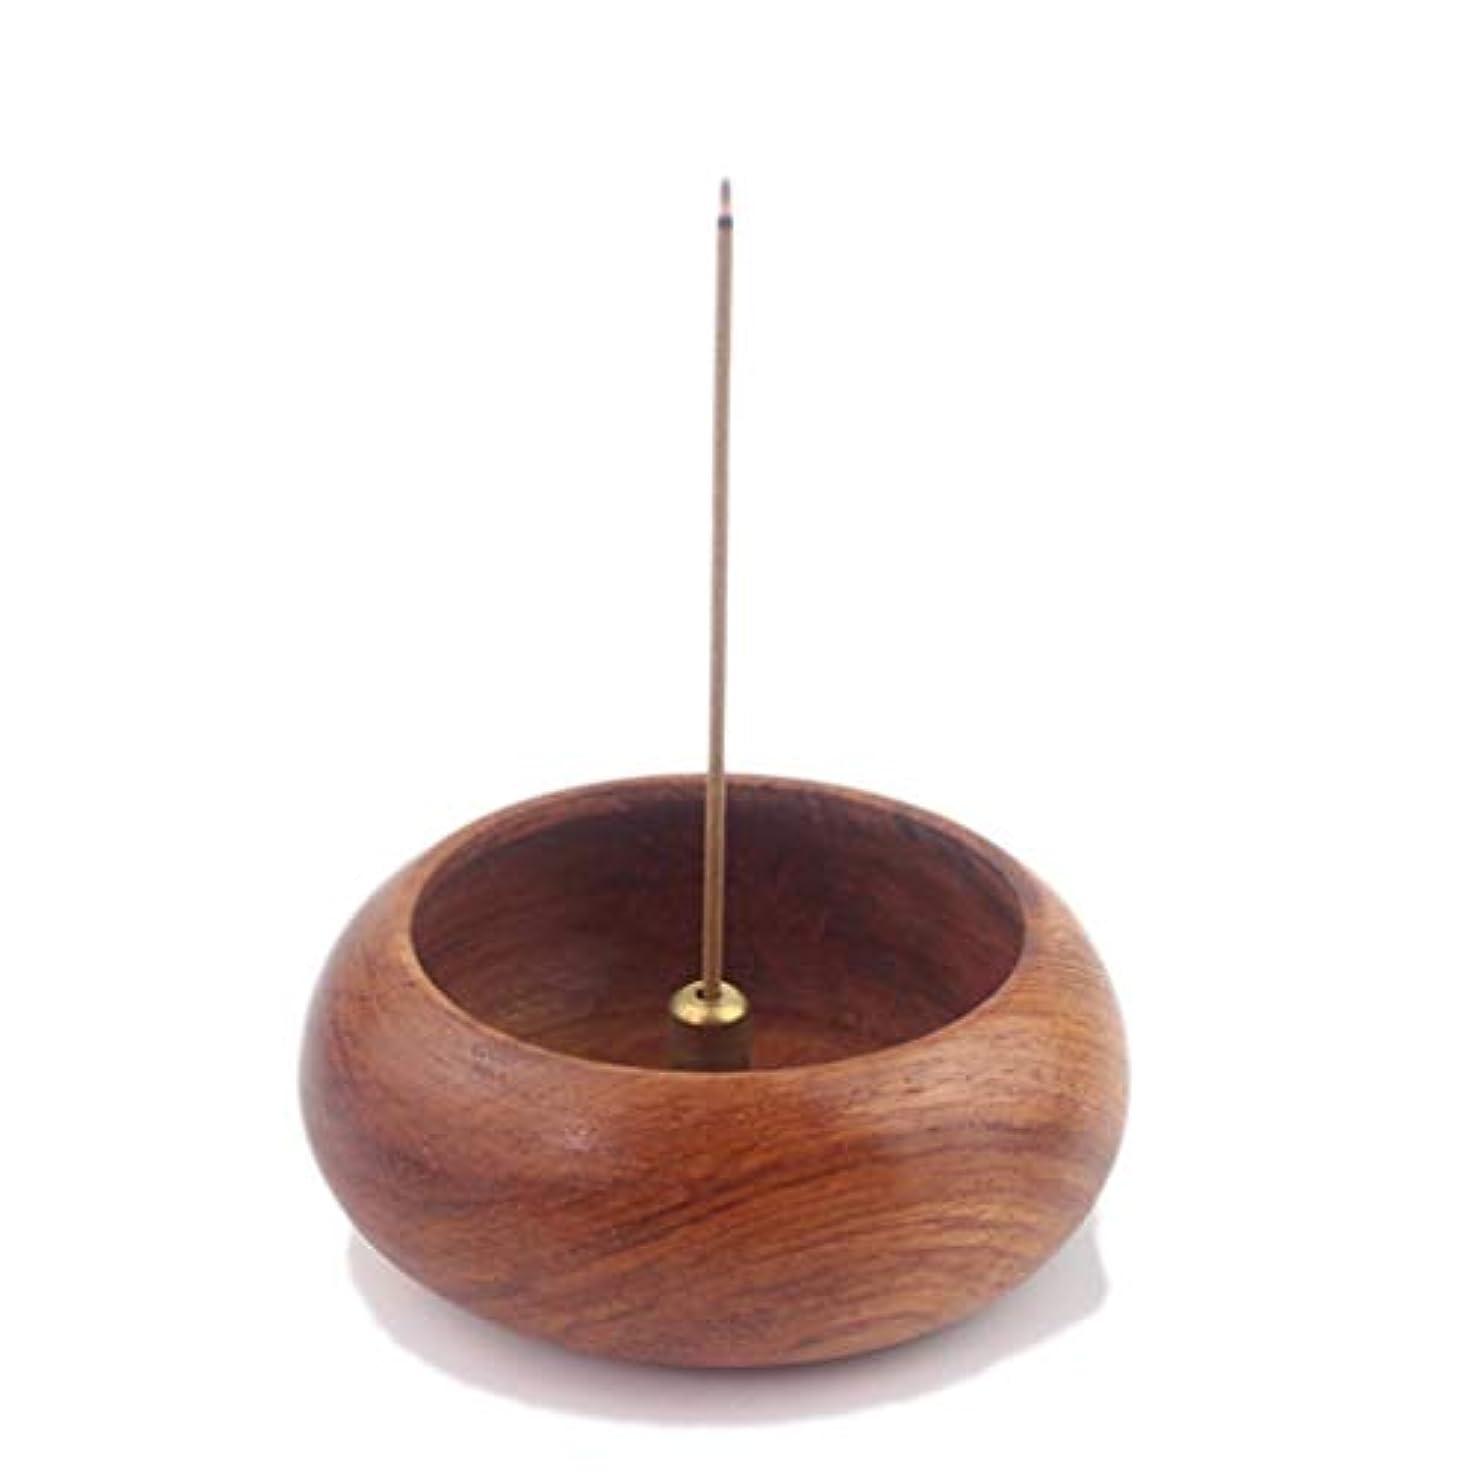 支配的車両意図するローズウッドボウル型の香炉ホルダーホーム&キッチン炉香ホルダー装飾香スティックコーンバーナーホルダー (Color : Wood, サイズ : 2.44*0.94inches)